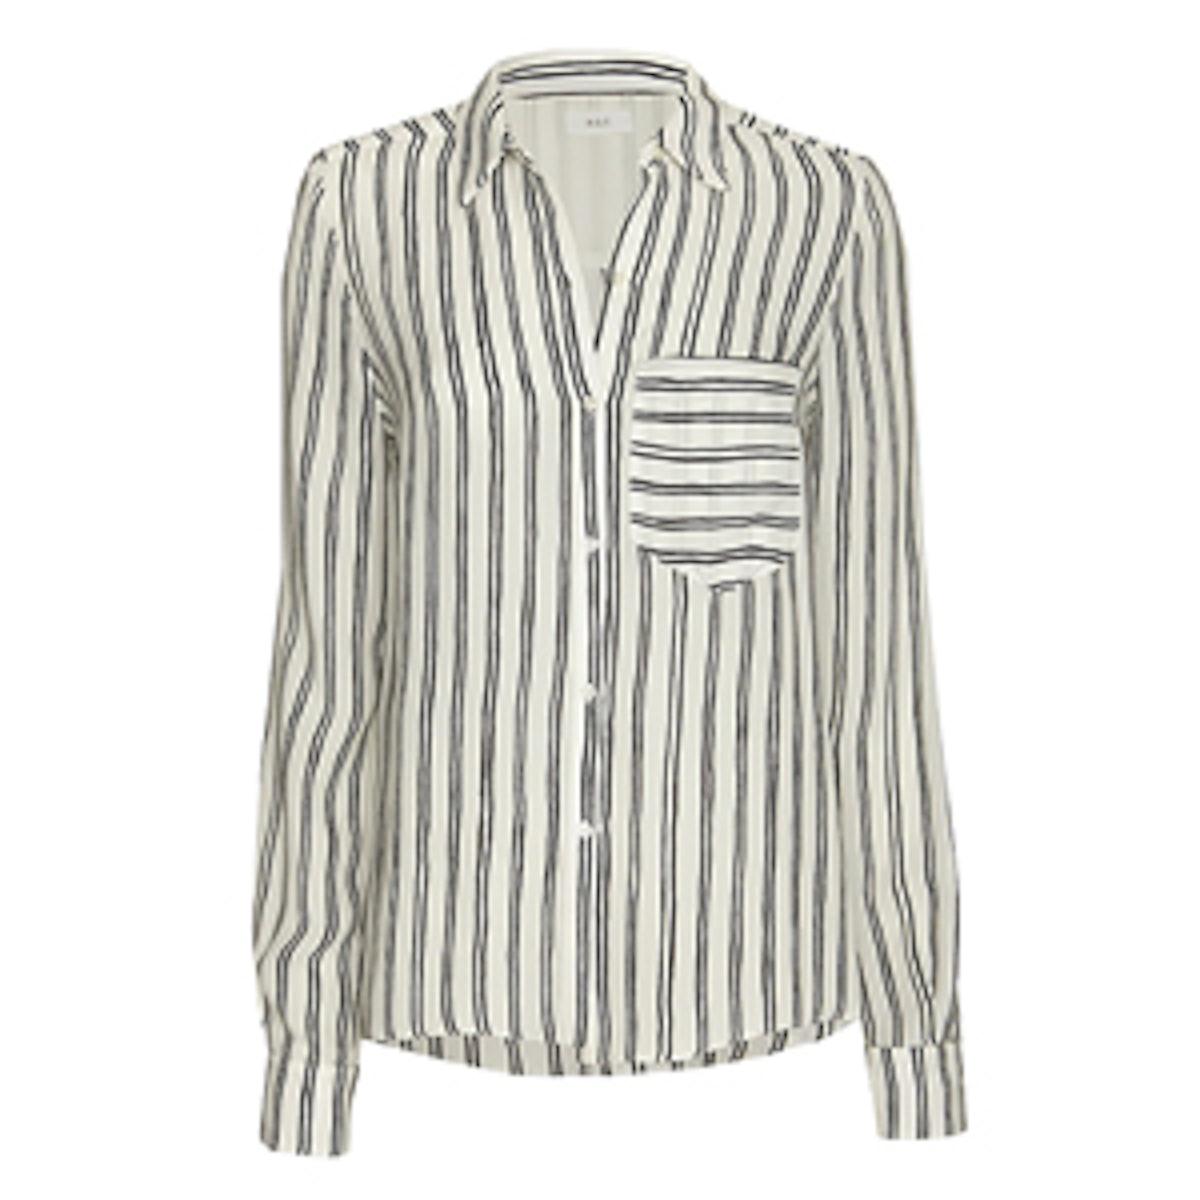 Troy Stripe Patterned Blouse